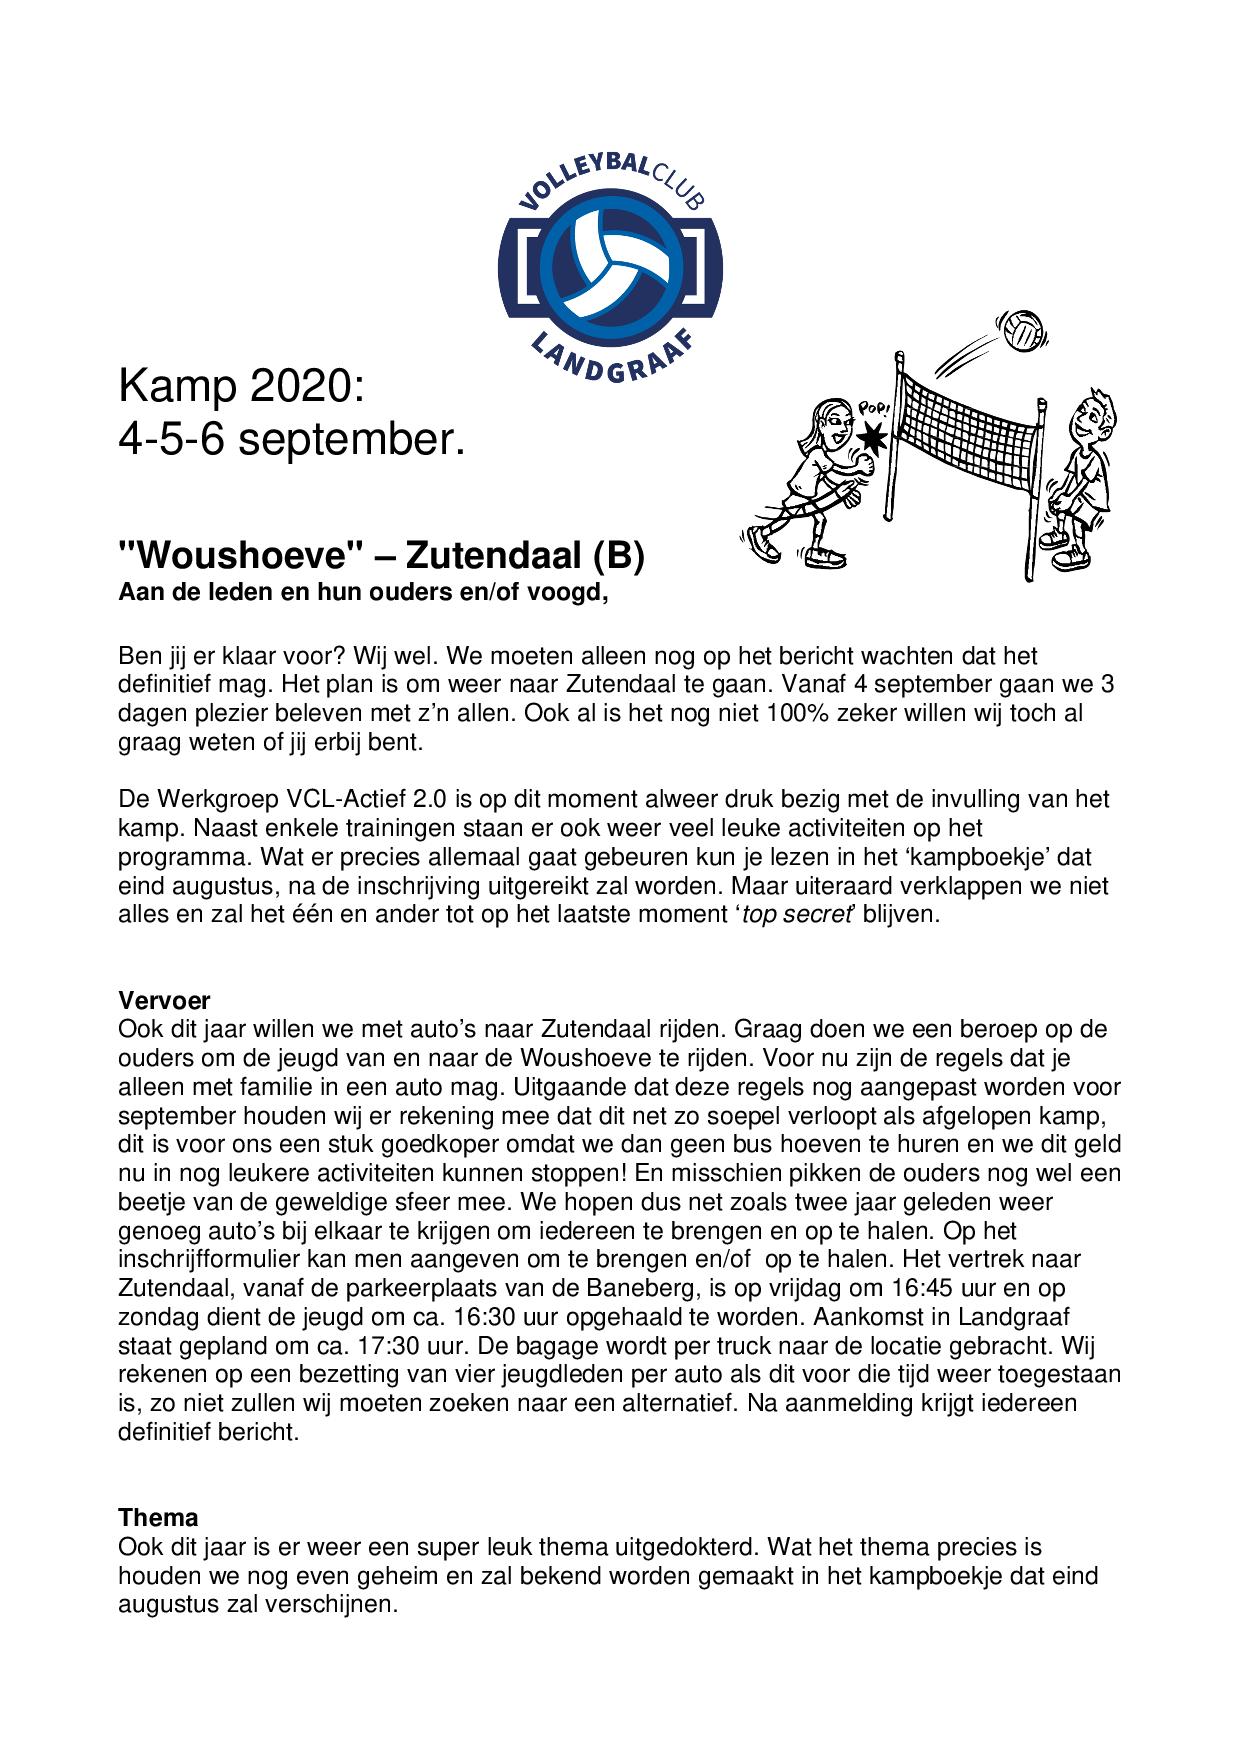 Kamp 2020-1